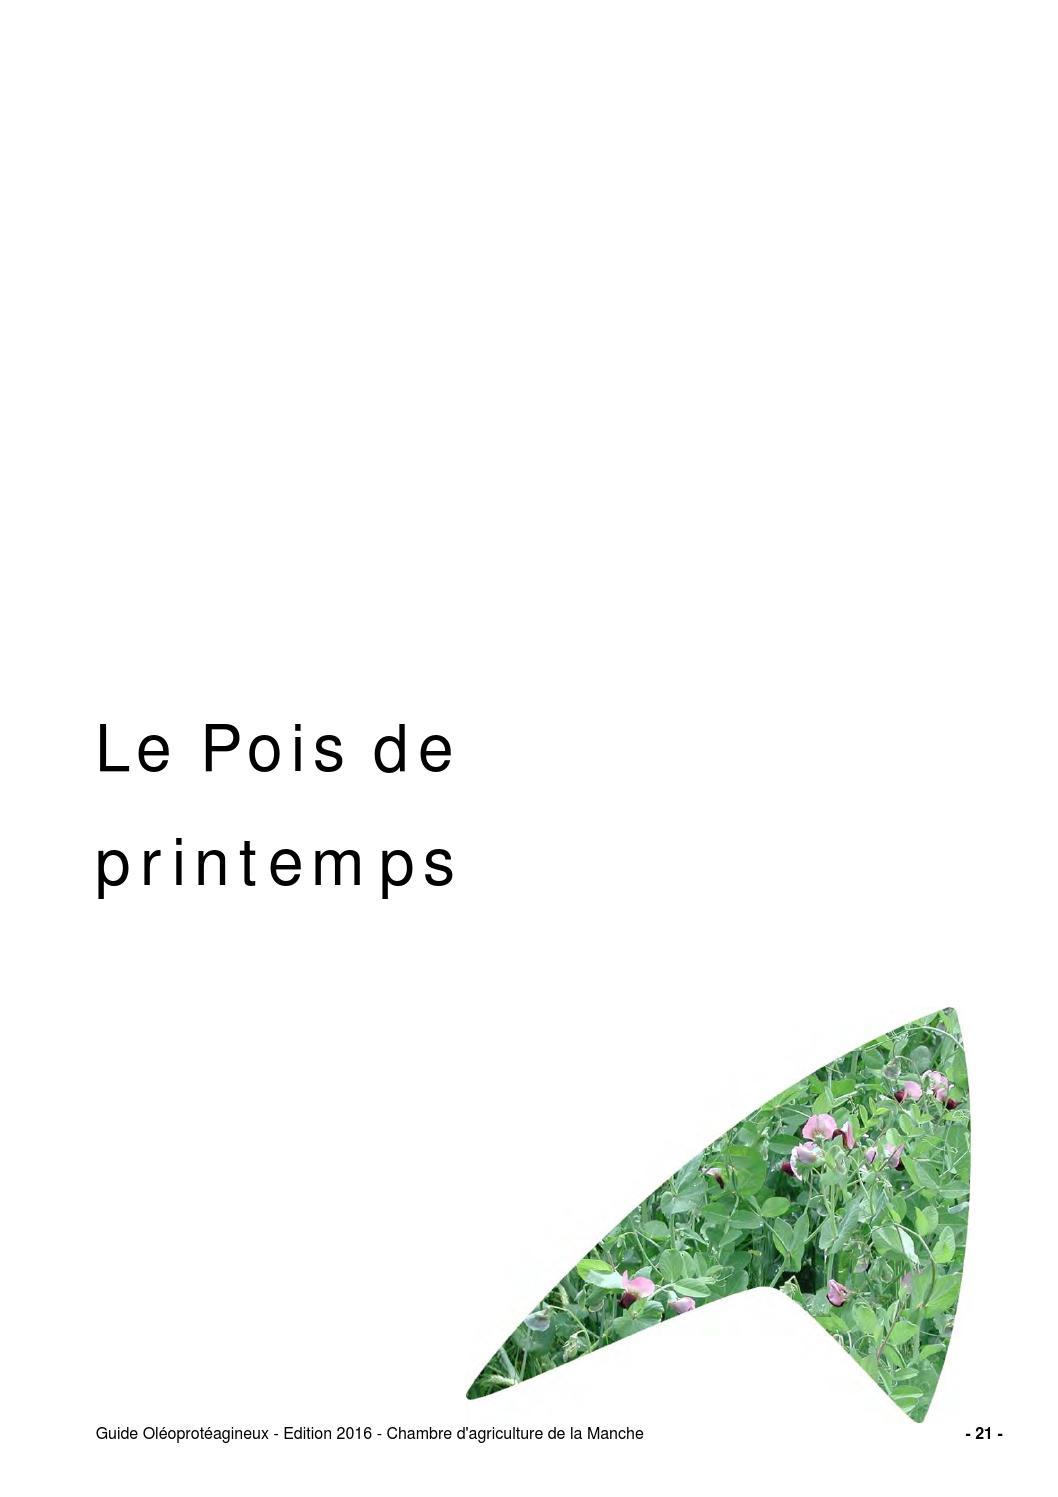 Guide pois de printemps 2016 by chambre d 39 agriculture - Chambre d agriculture de la manche ...